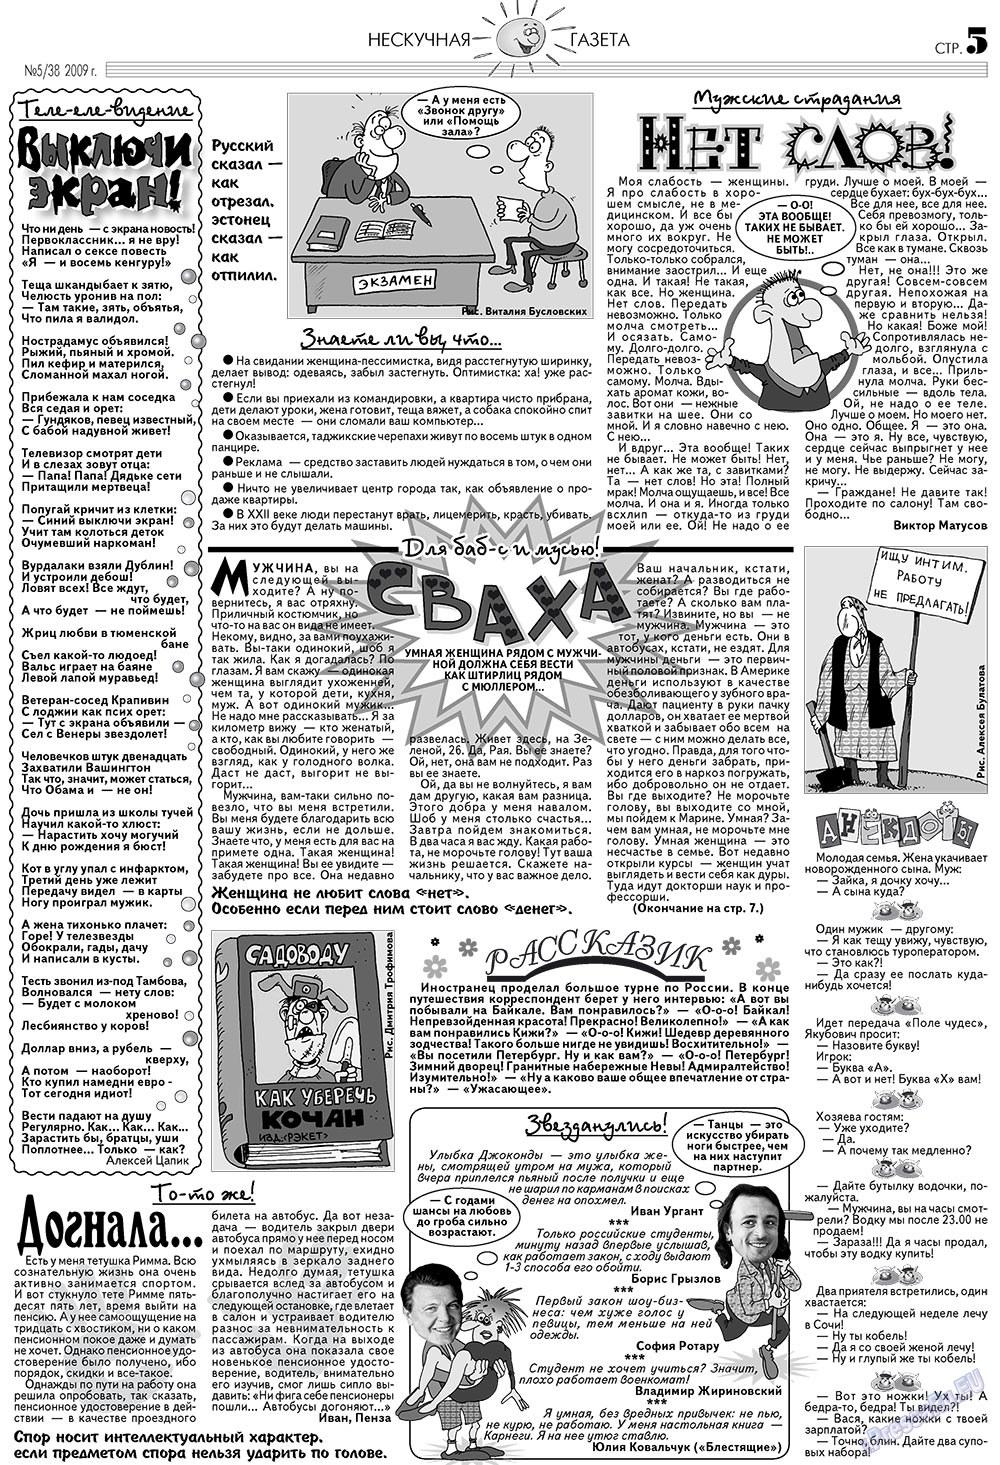 Нескучная газета (газета). 2009 год, номер 5, стр. 5